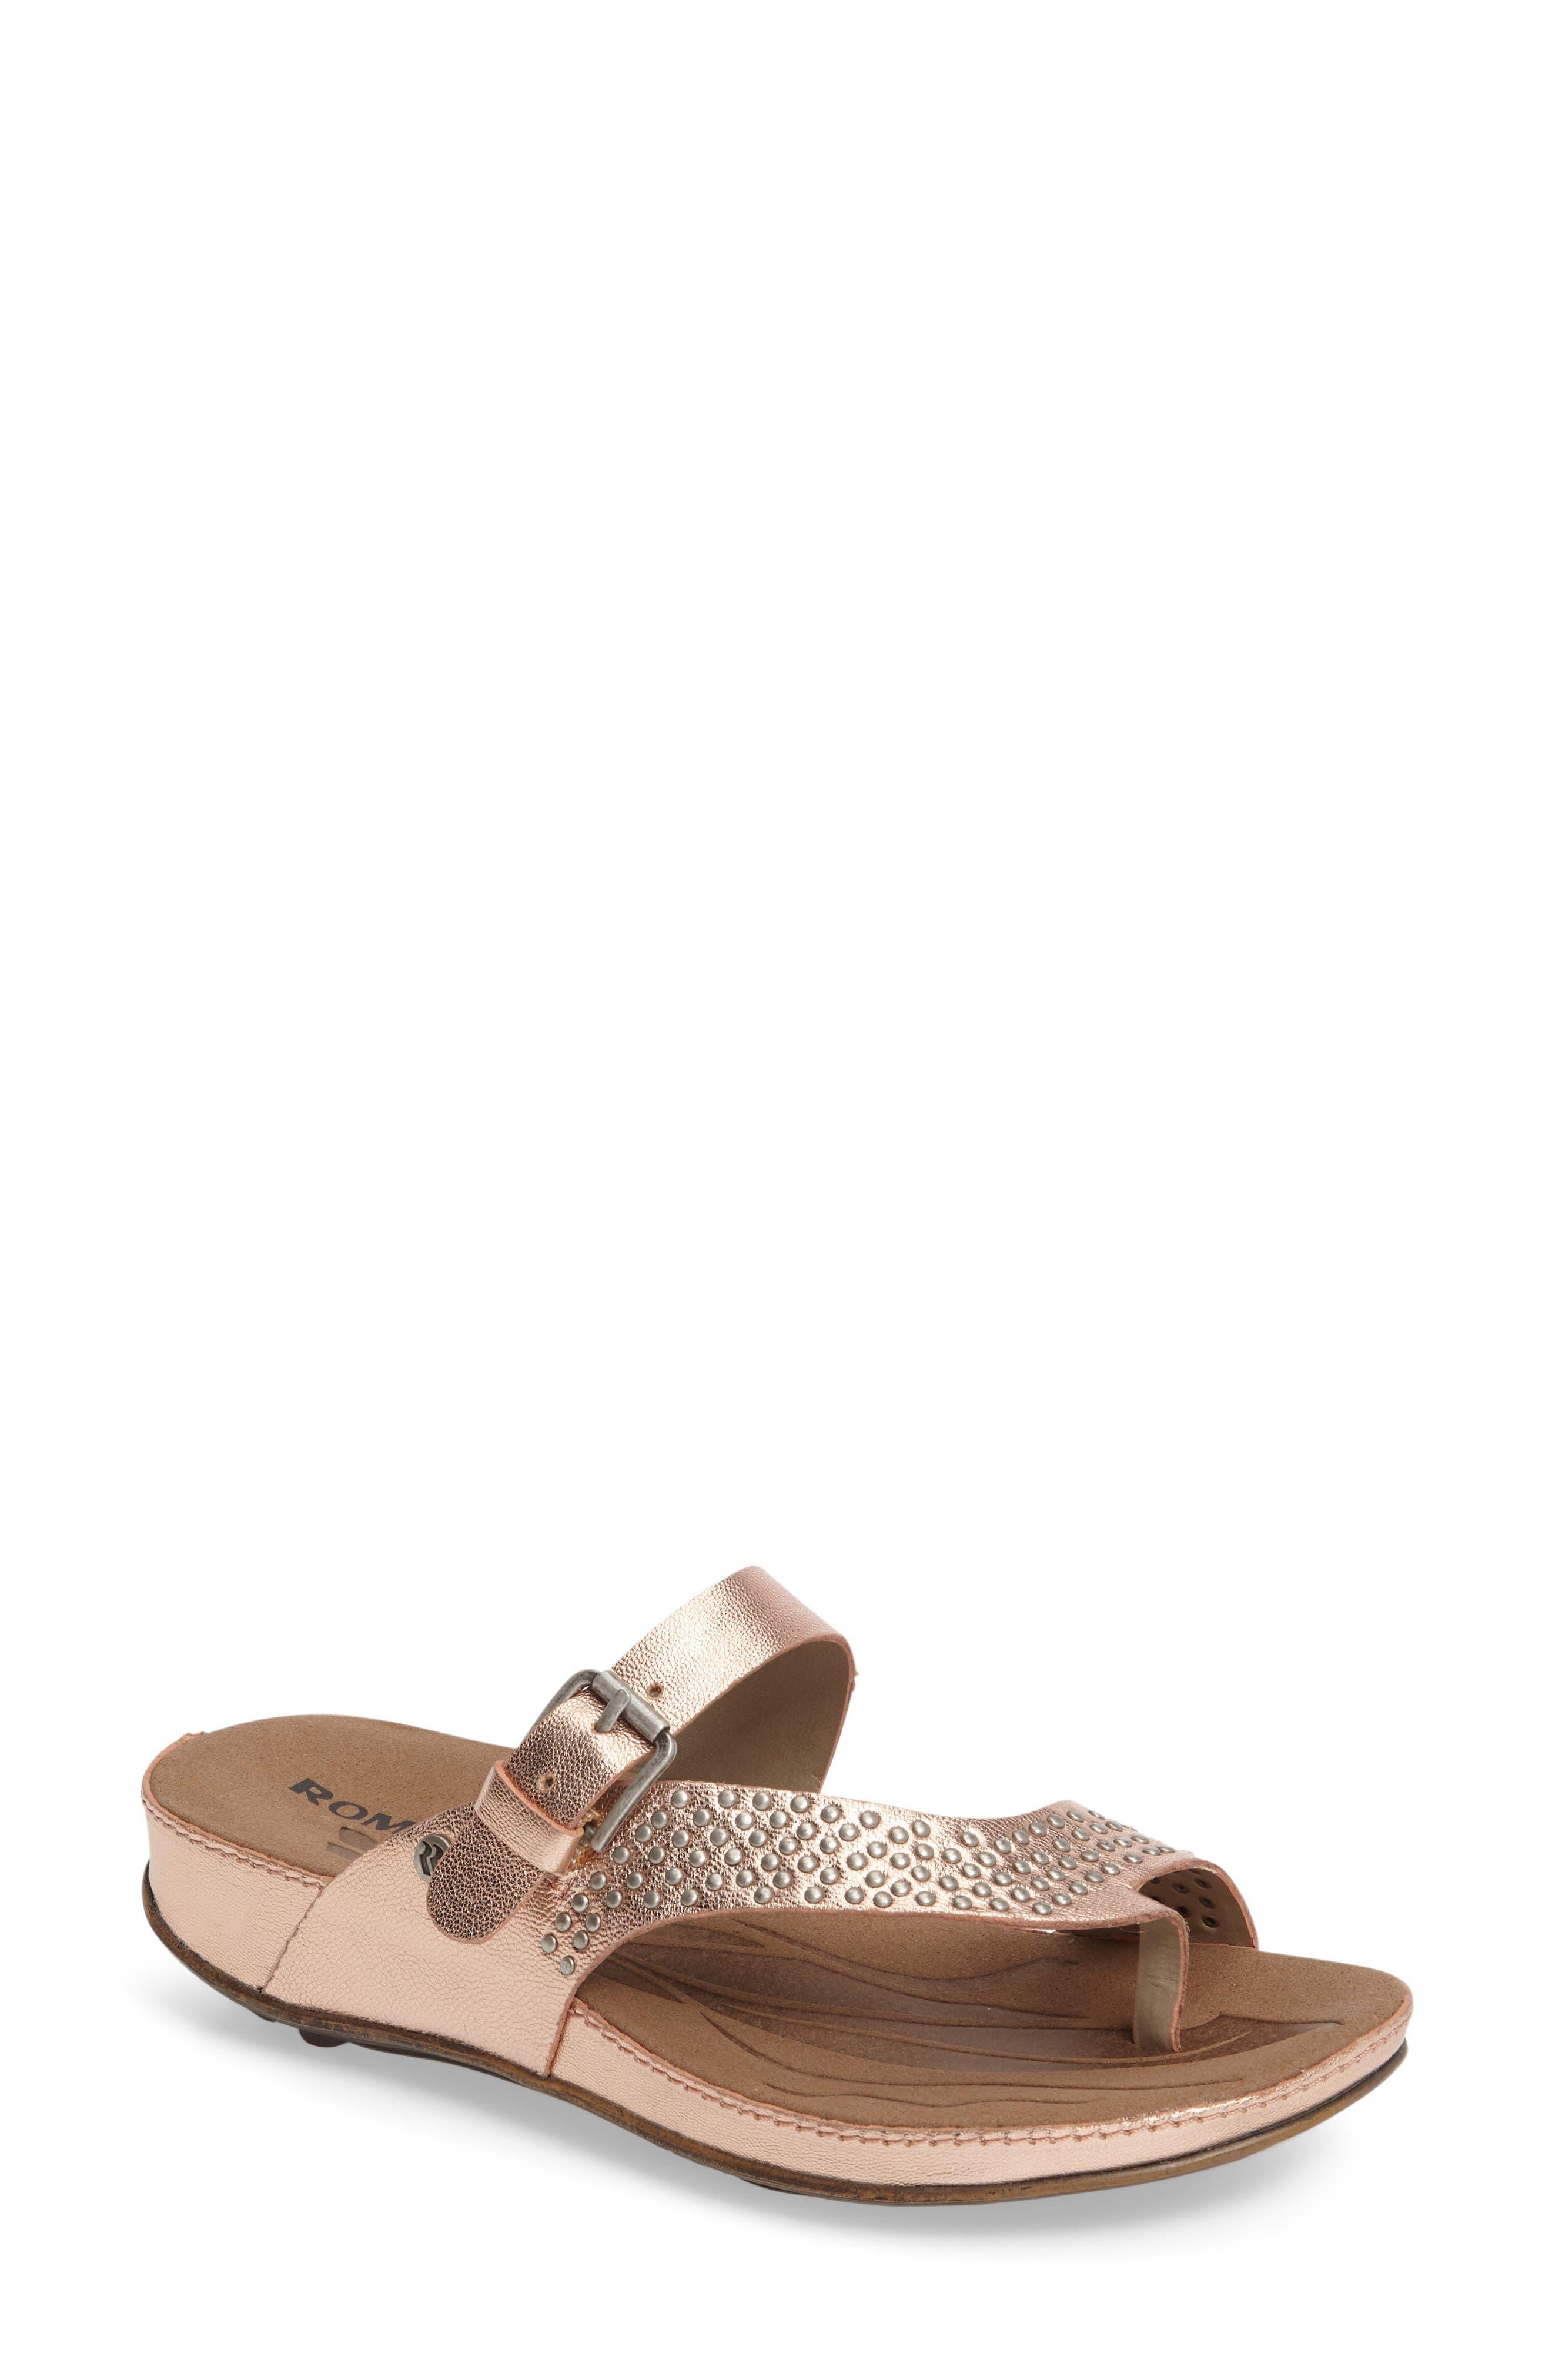 Romika® 'Fidschi 34' Studded Thong Sandal (Women)